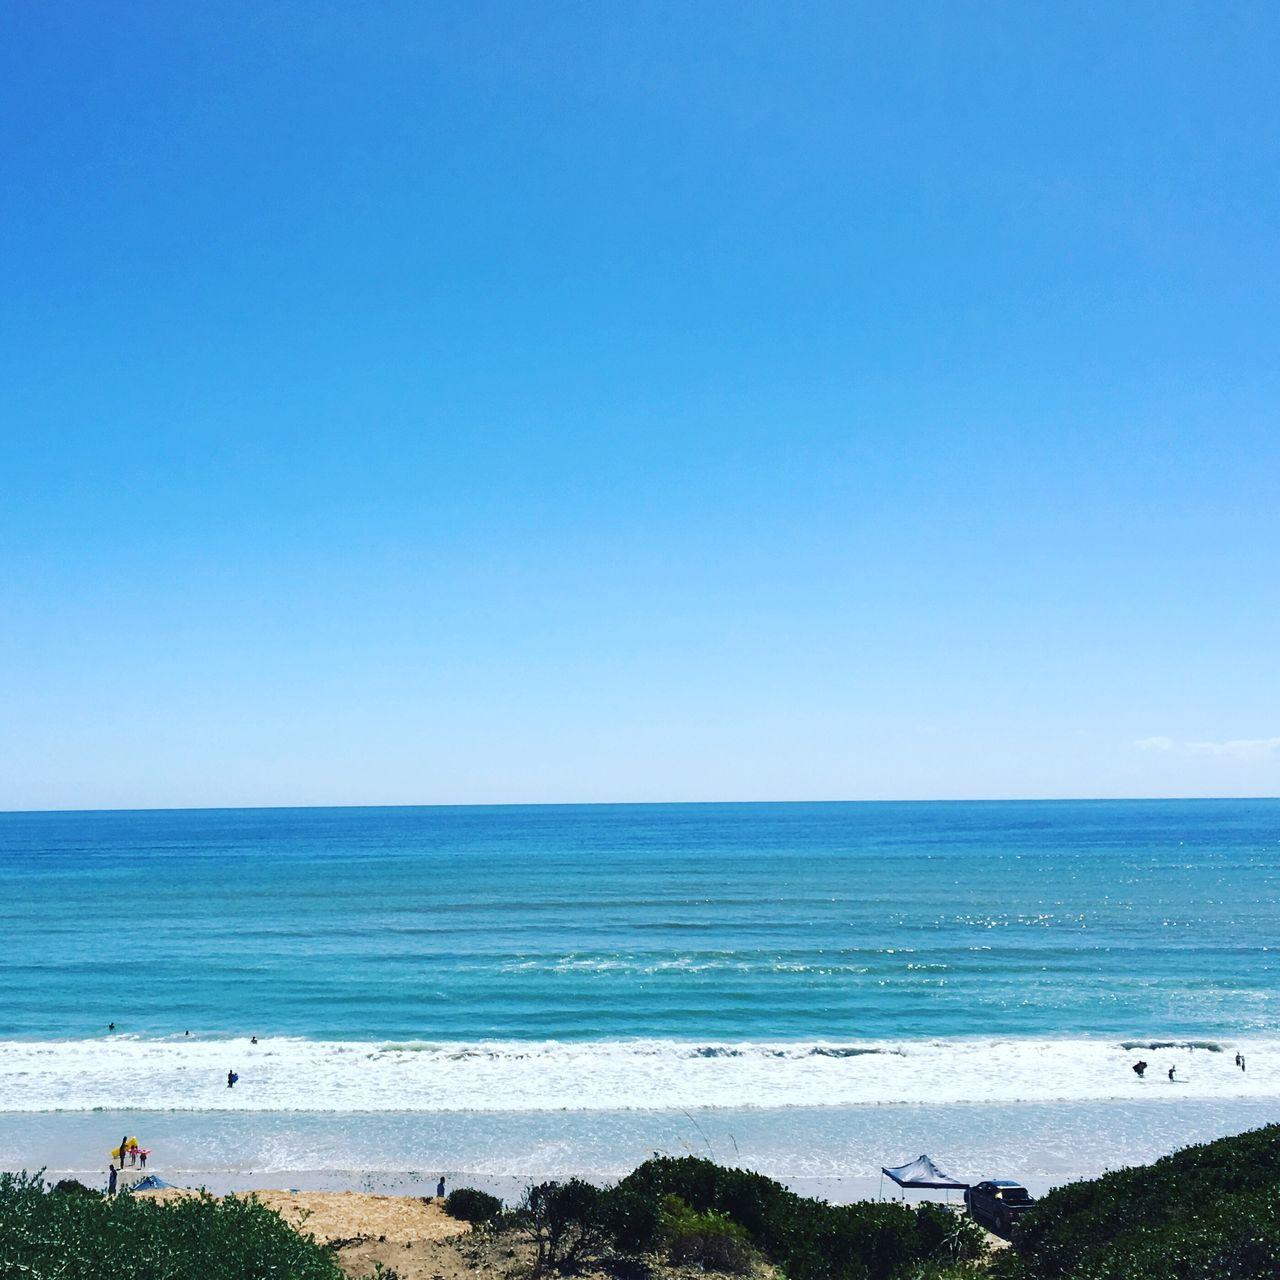 Horizon Over Water Sea Water Beach Blue Scenics